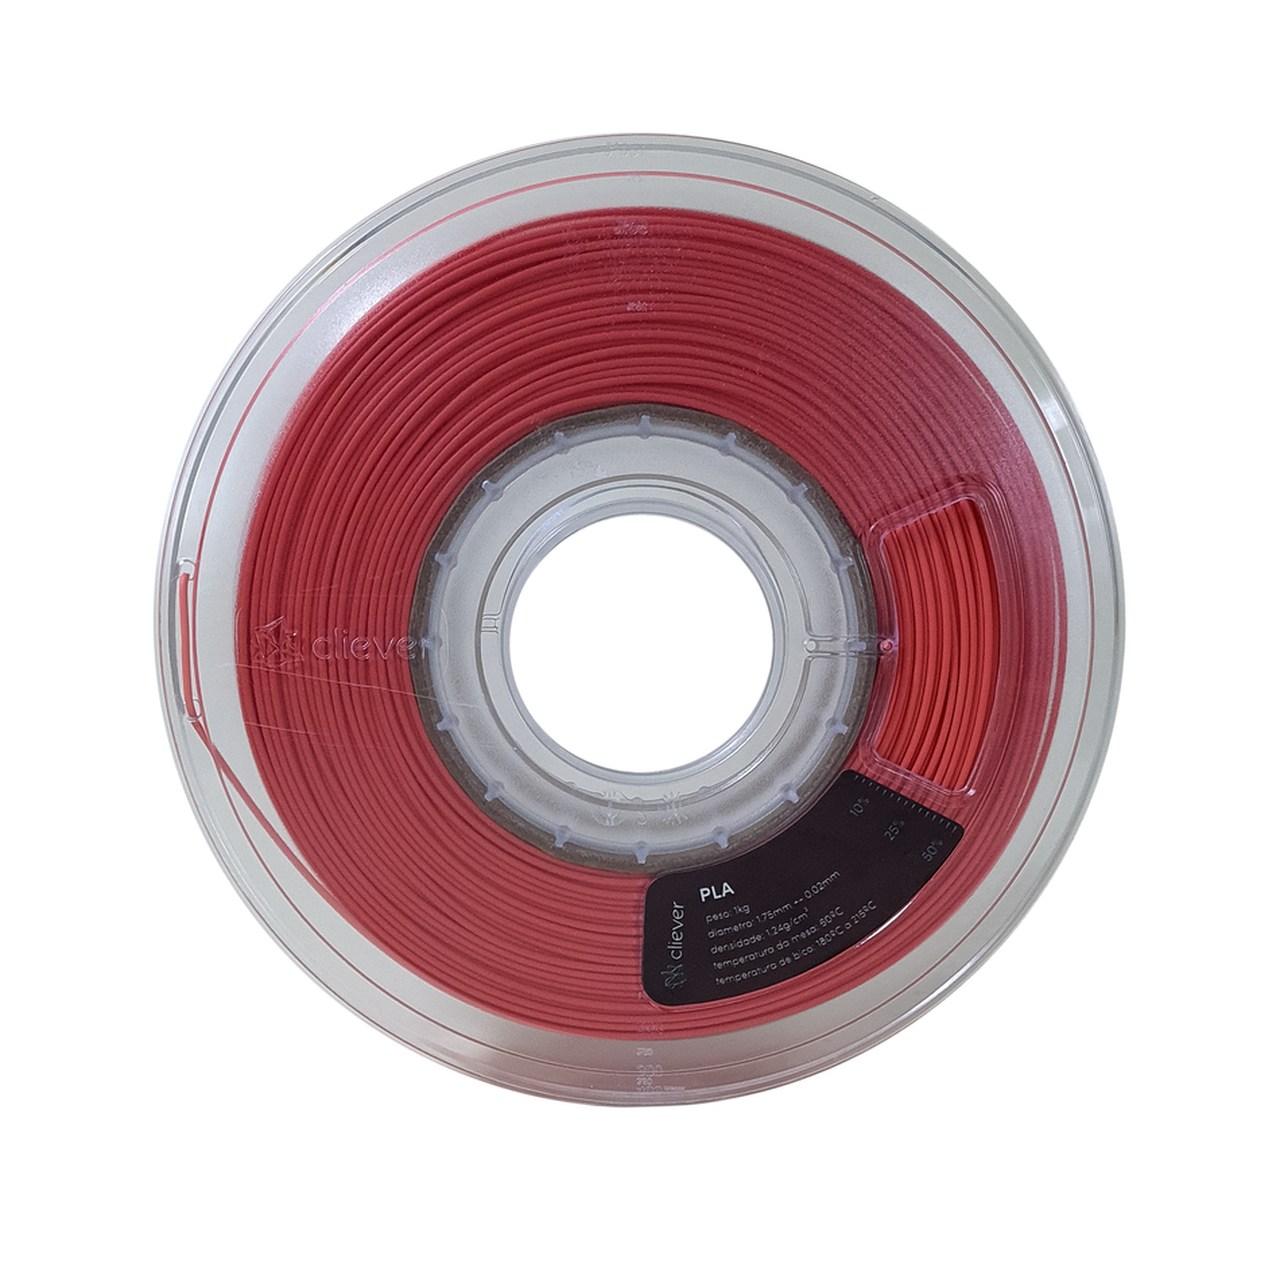 Filamento PLA - Terracota Claro - Cliever - 1.75mm - 1kg